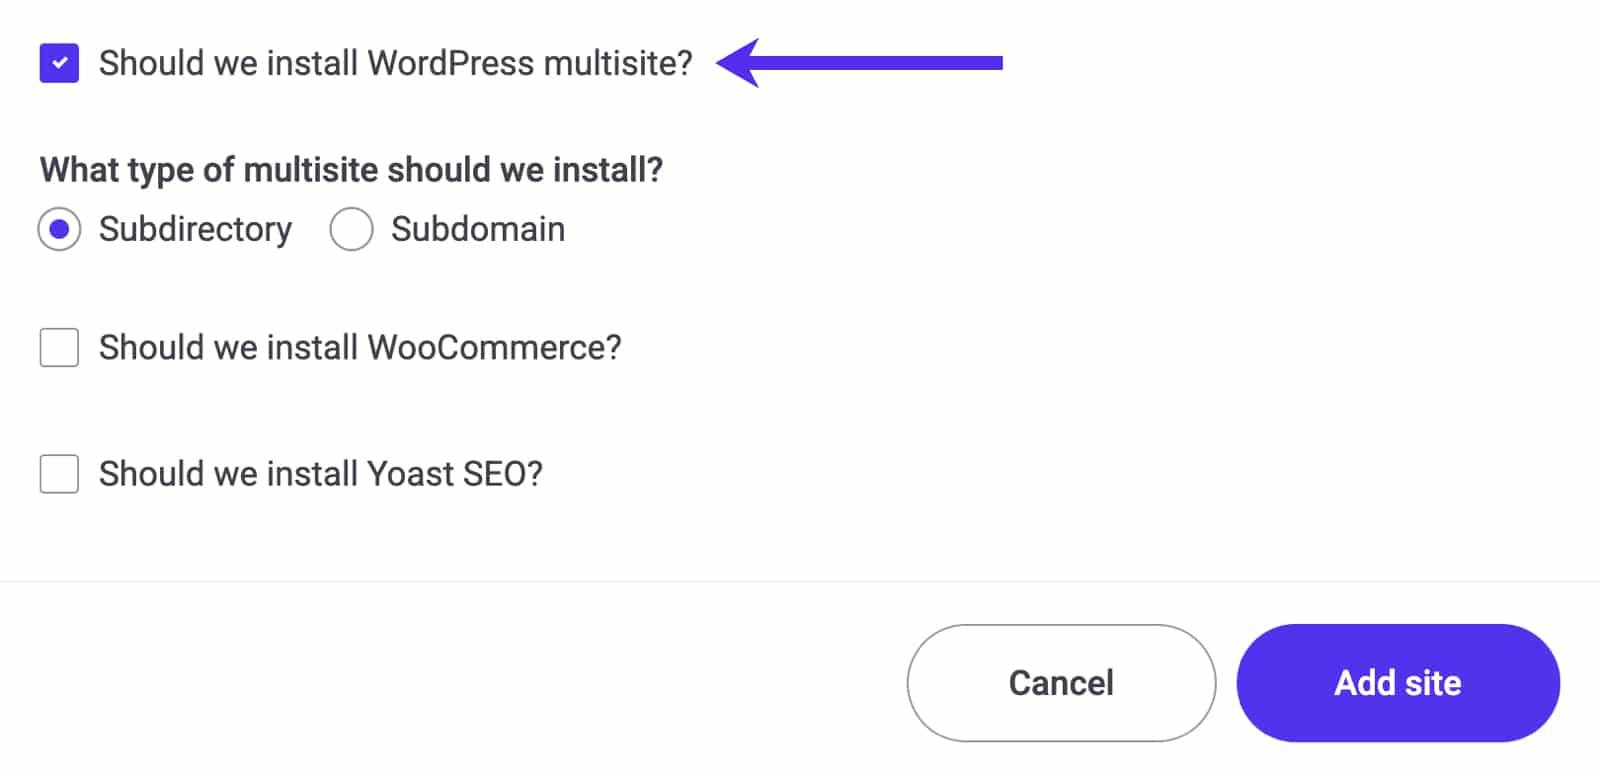 La procedura guidata per la creazione dei siti di Kinsta supporta la modalità multisite di WordPress.